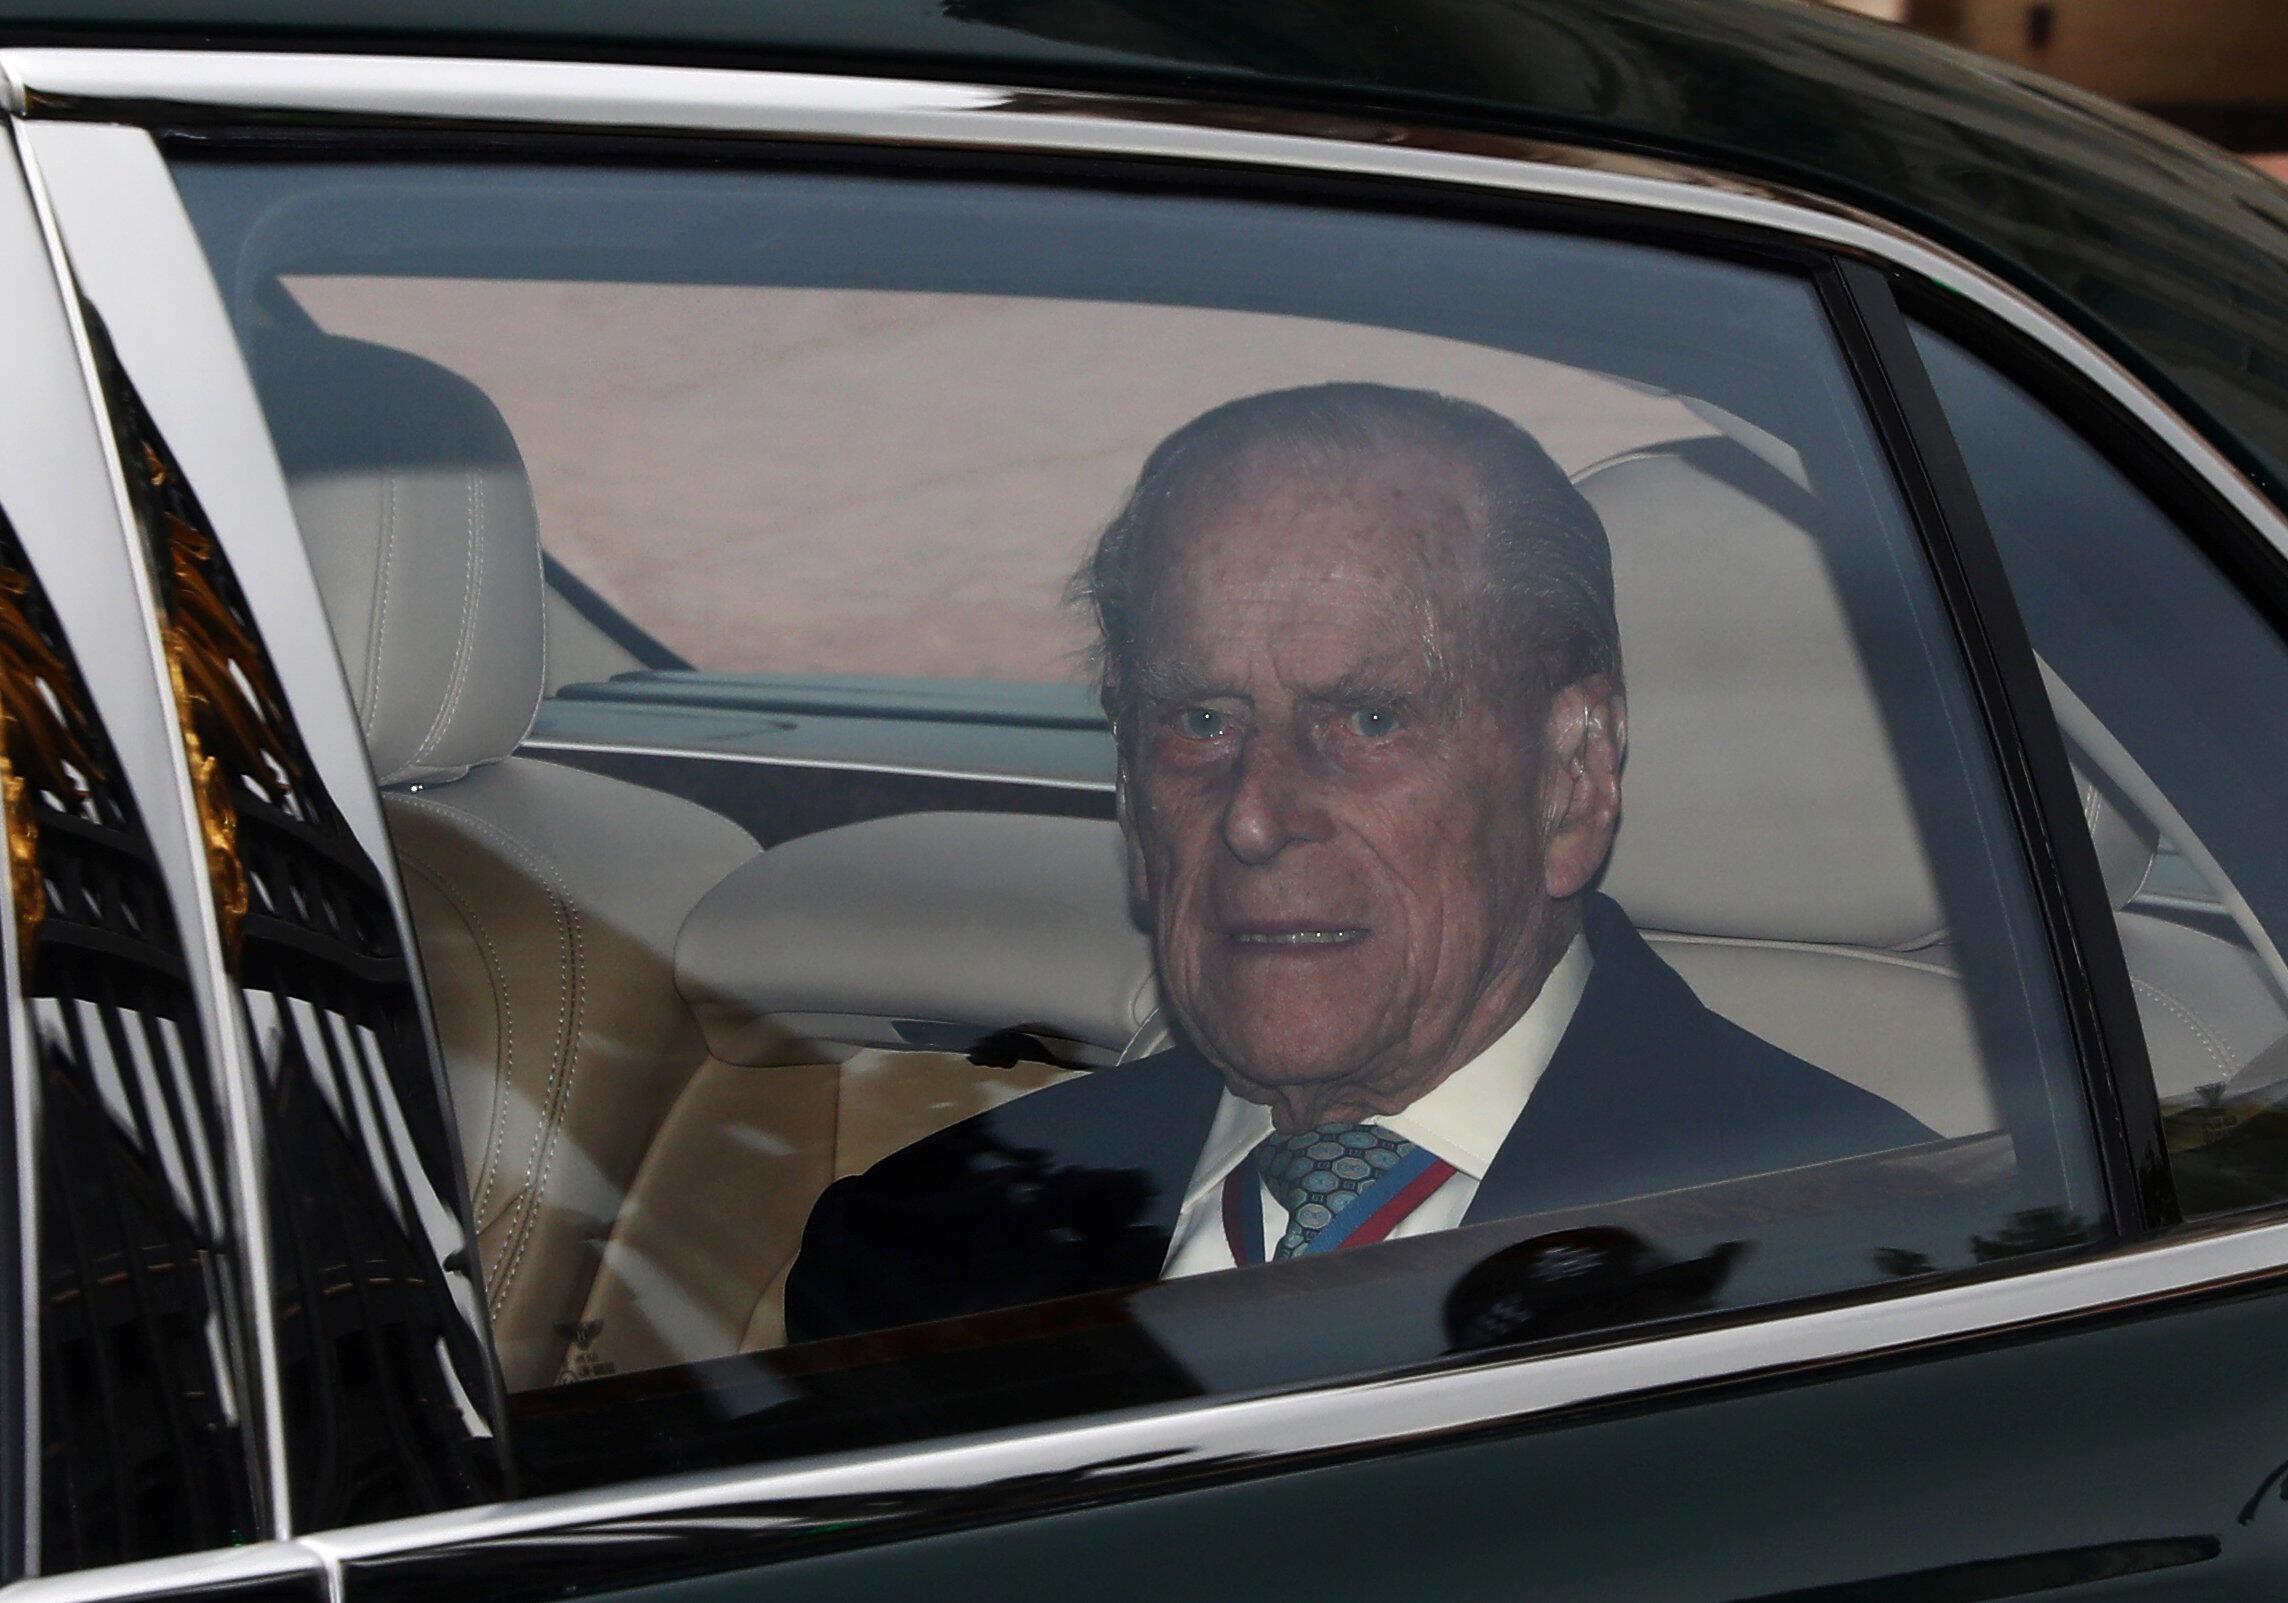 O príncipe Philip, marido da rainha Elizabeth II da Inglaterra, anunciou que abandonará os compromissos públicos no outono.